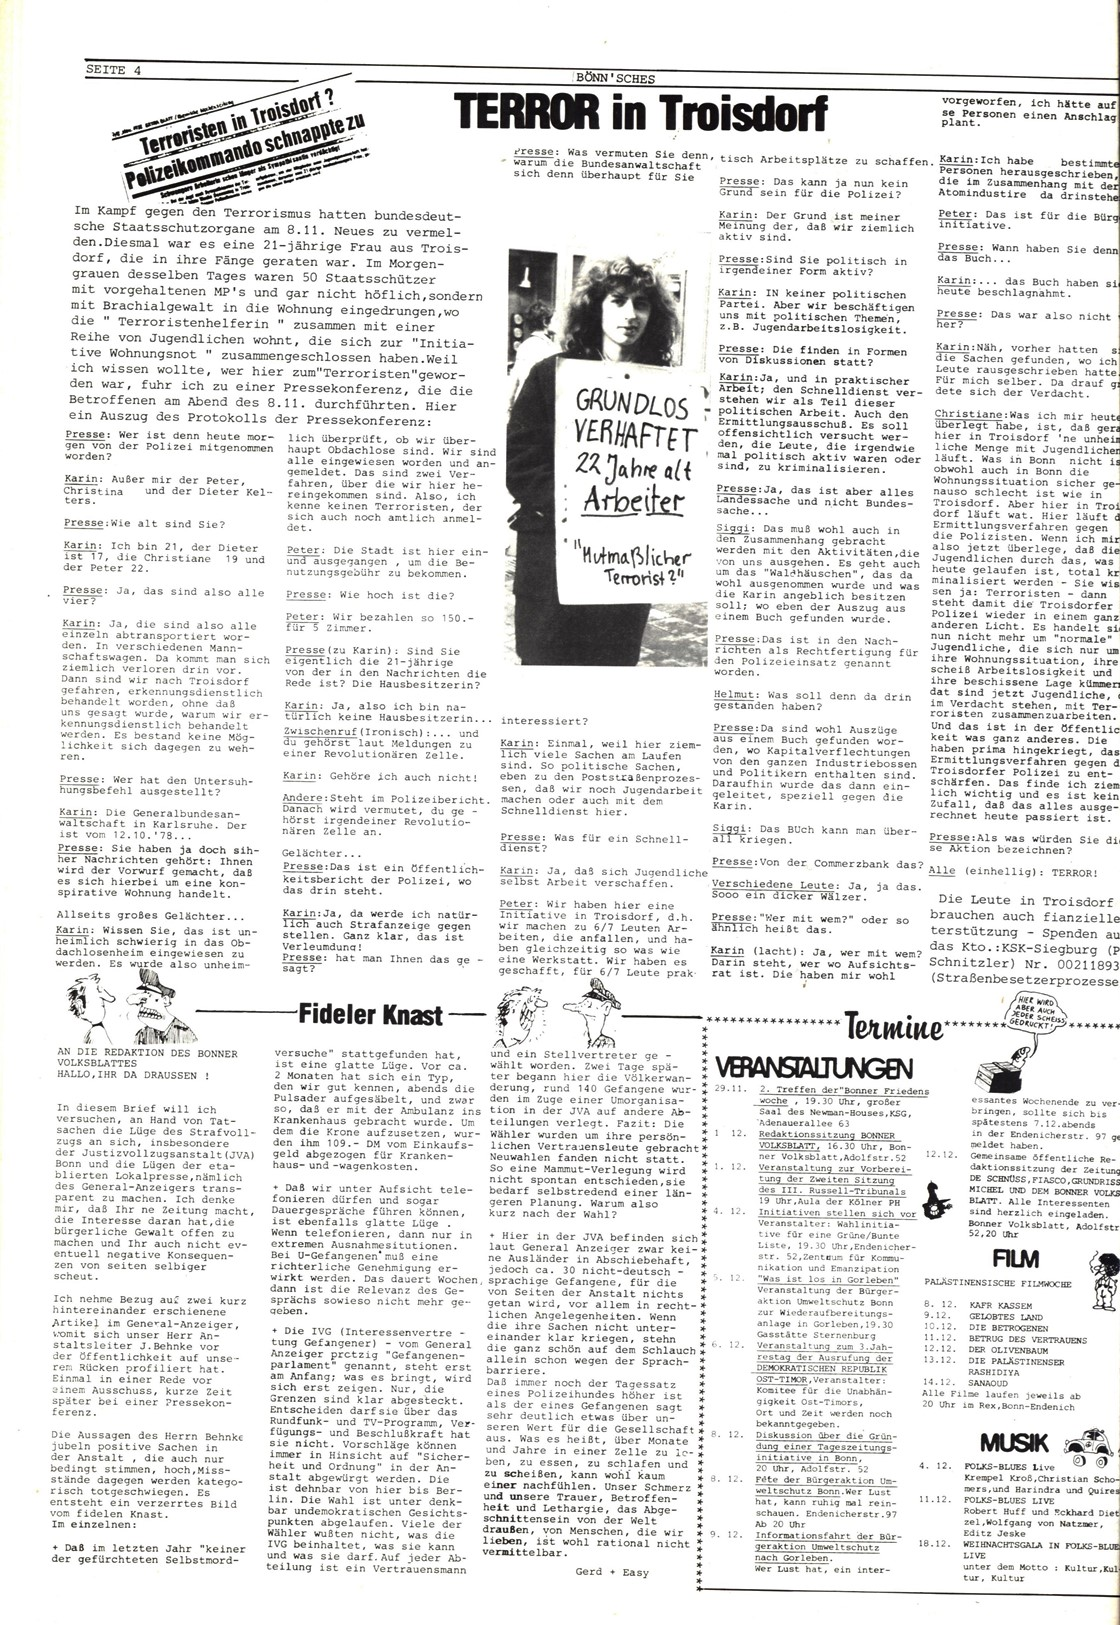 Bonner_Volksblatt_19_19781128_04